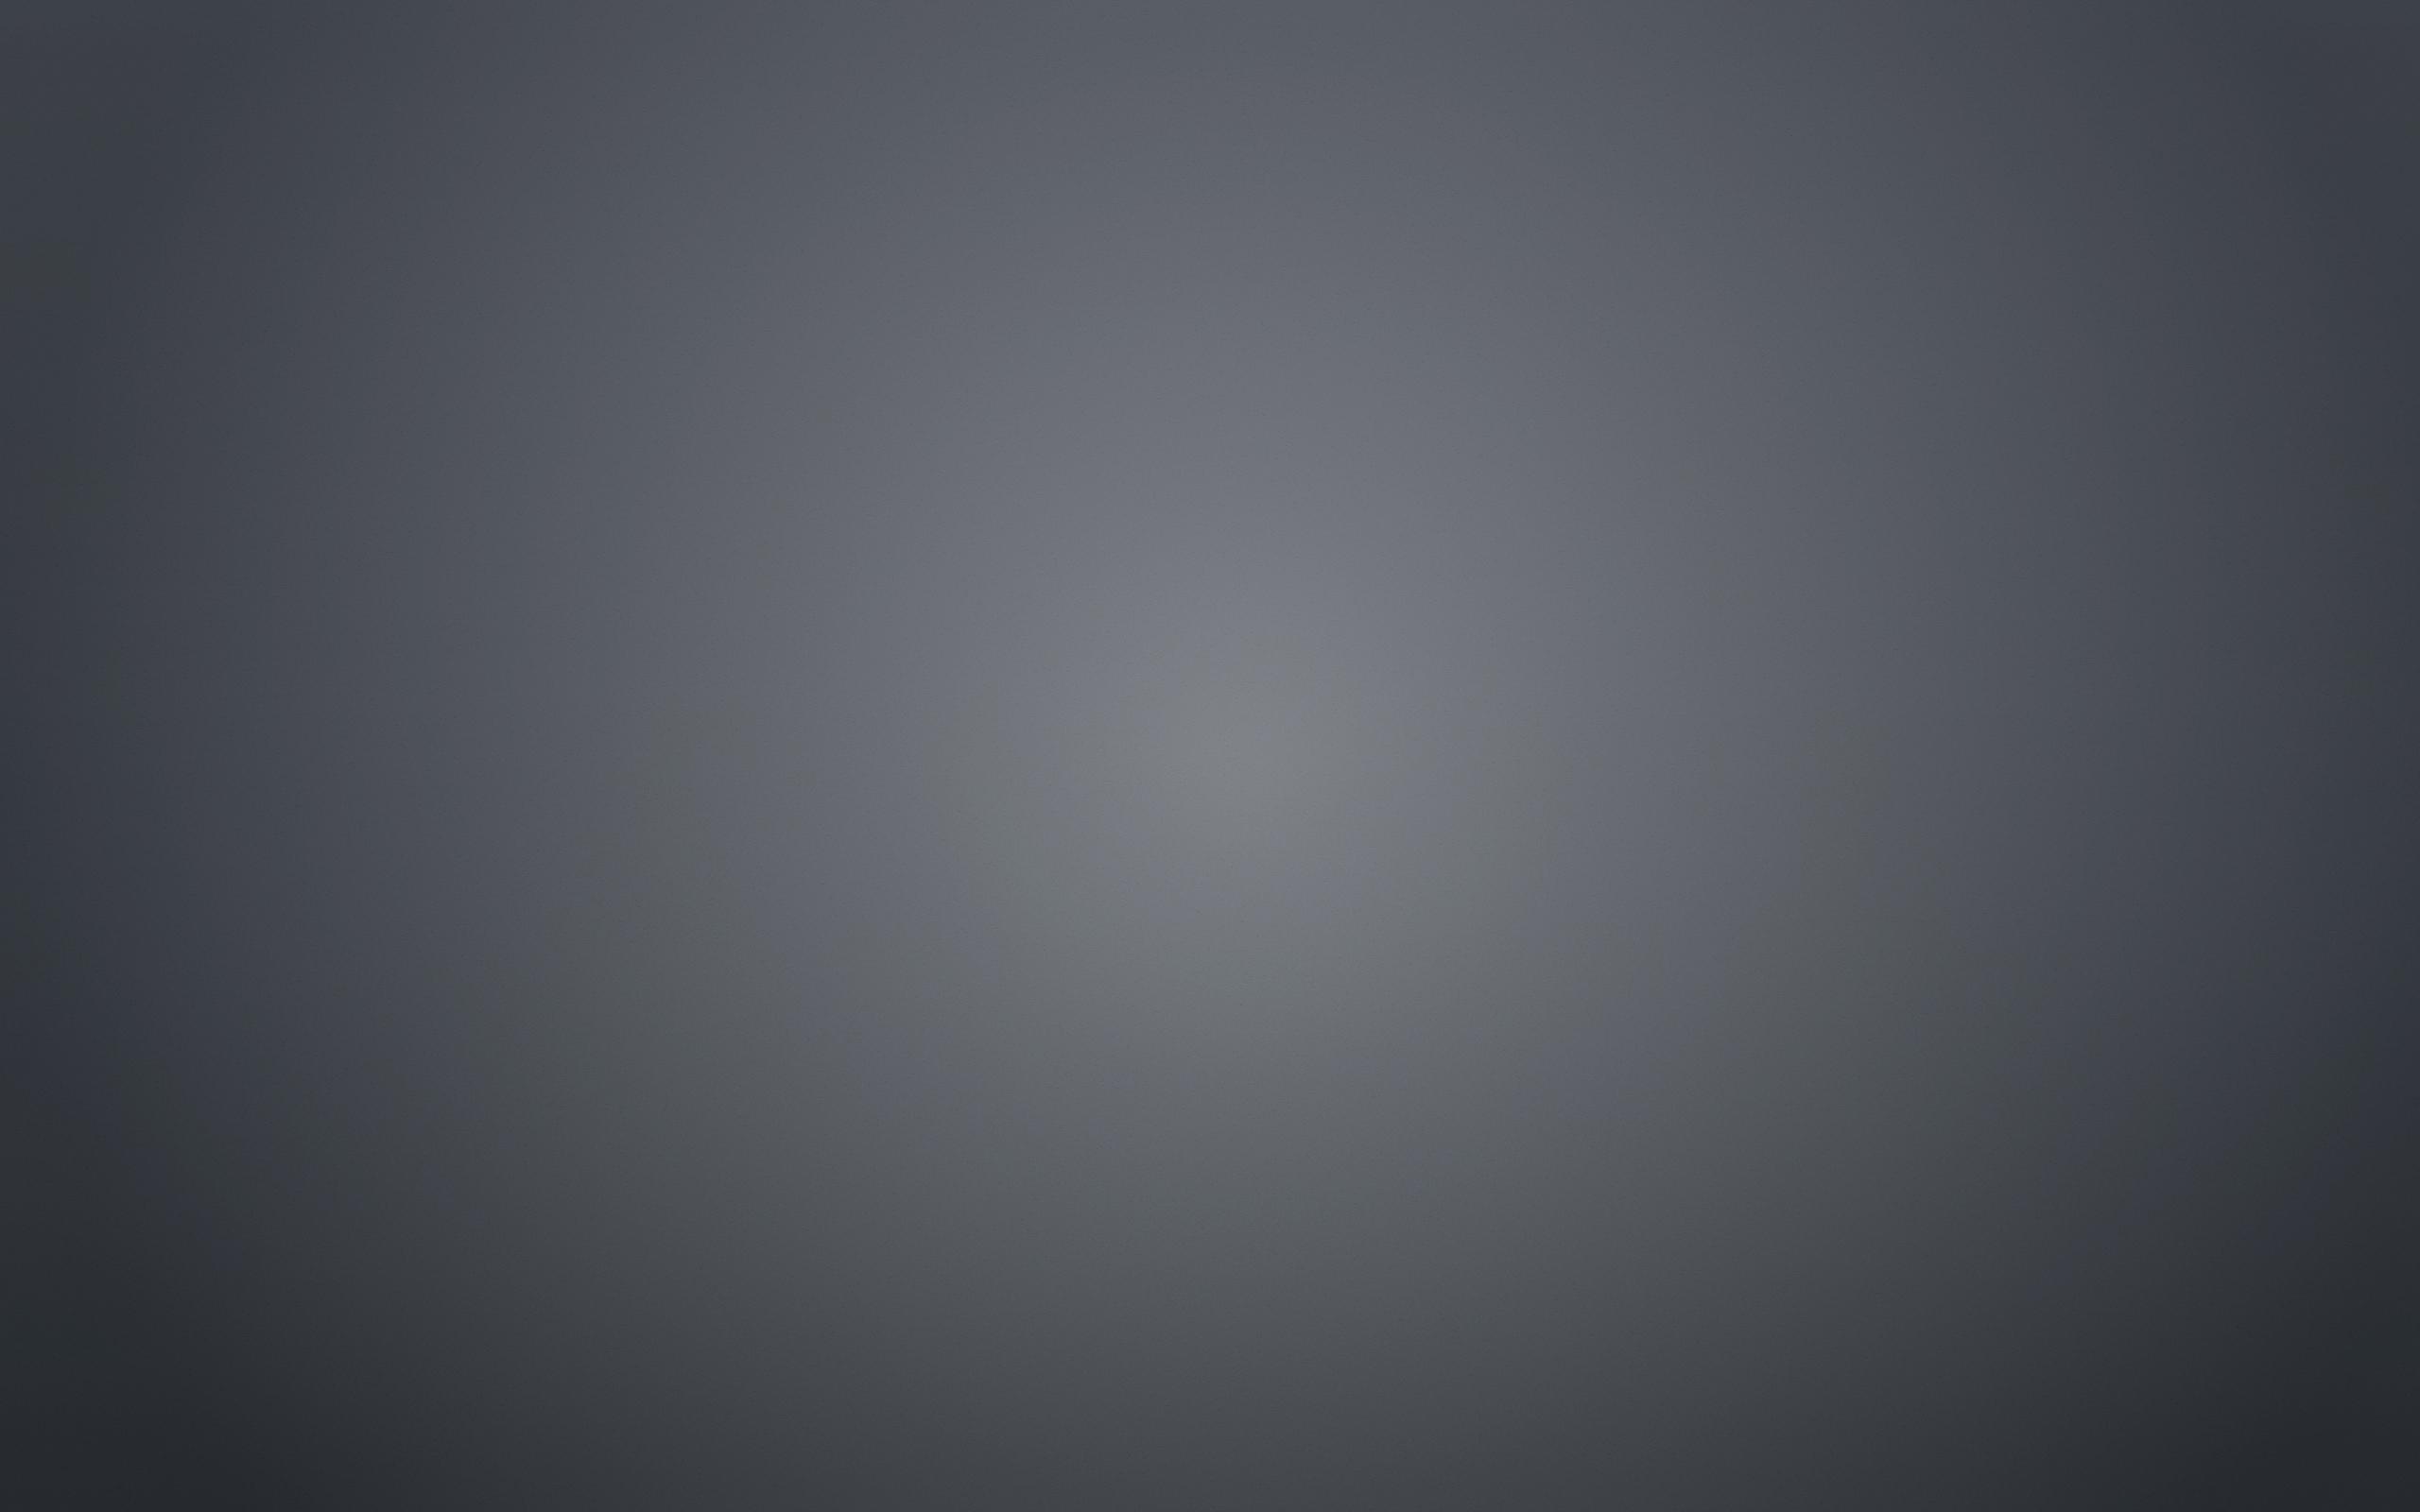 グレーのシンプルな なデザインのhdの壁紙プレビュー 10wallpapercom Gray Background Hd 19x1080 Download Hd Wallpaper Wallpapertip